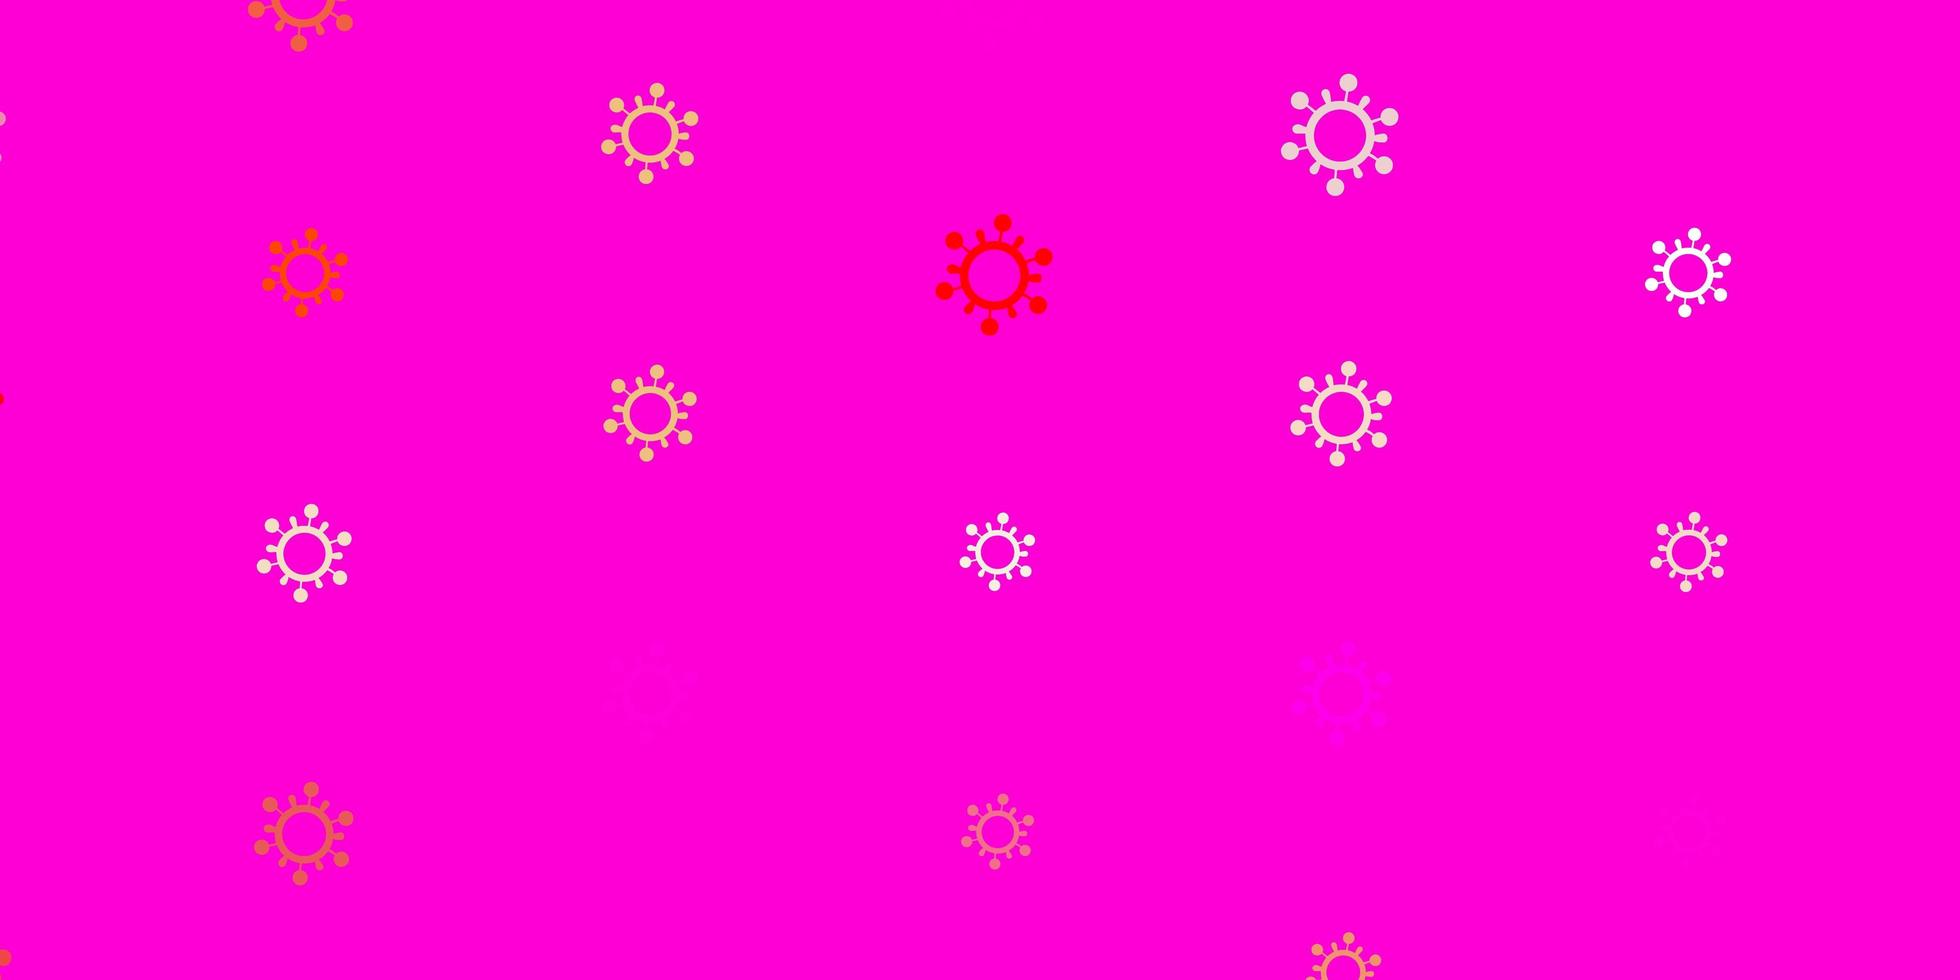 modello vettoriale rosa chiaro, giallo con elementi di coronavirus